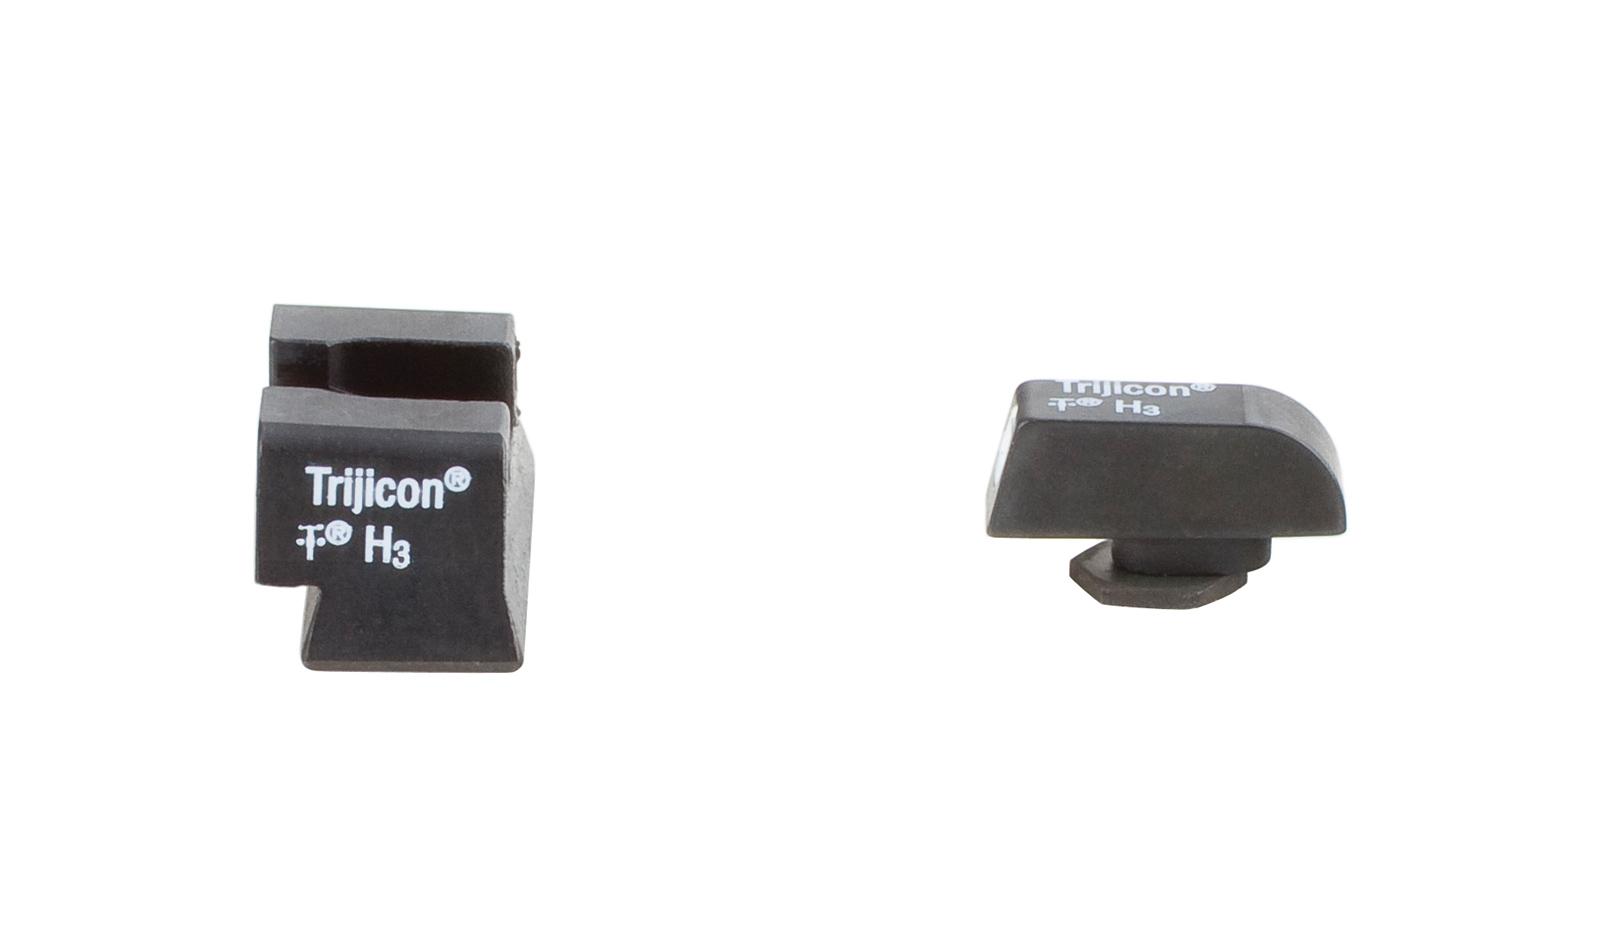 GL13-C-600778 angle 2